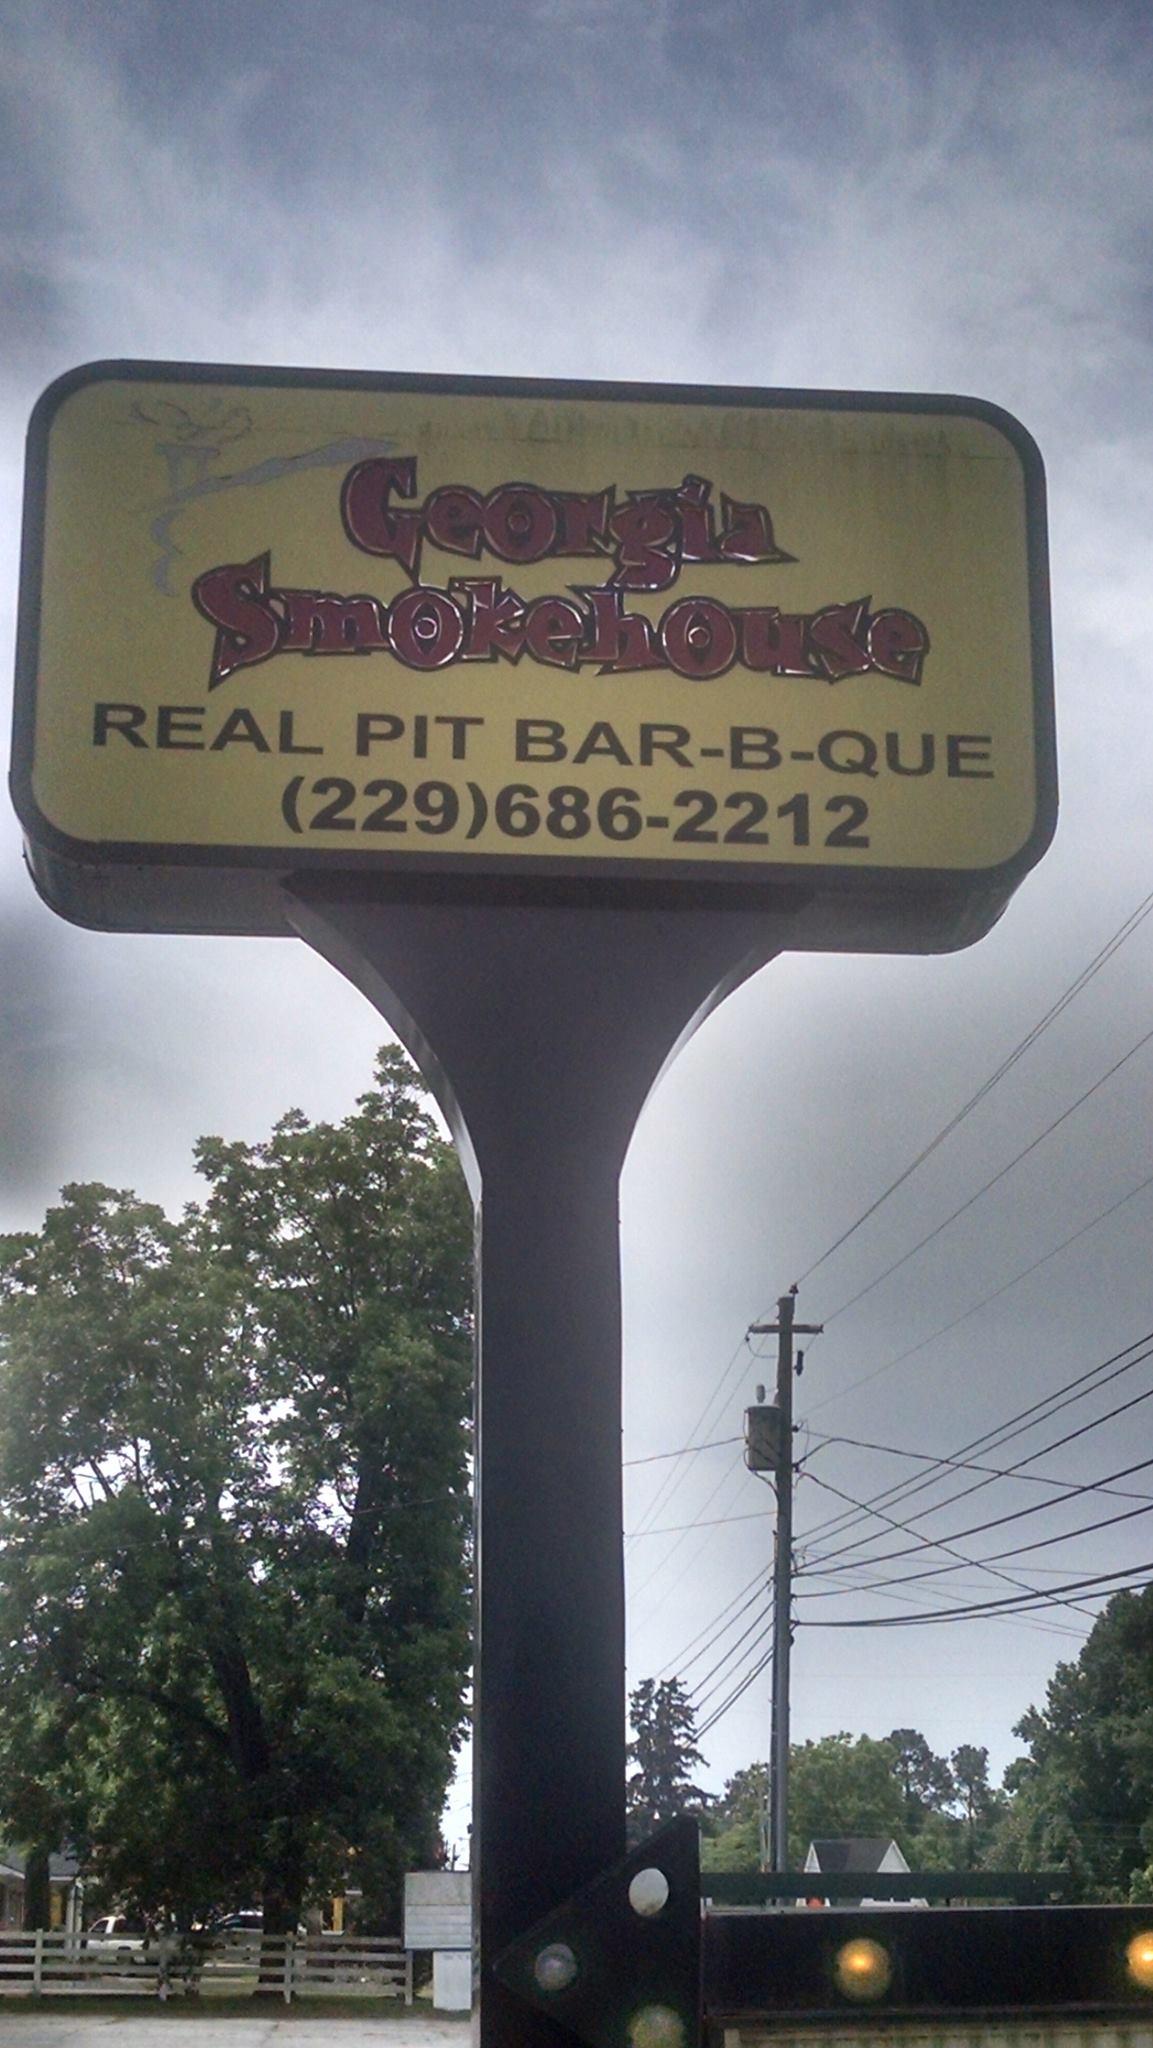 Georgia Smokehouse Restaurant